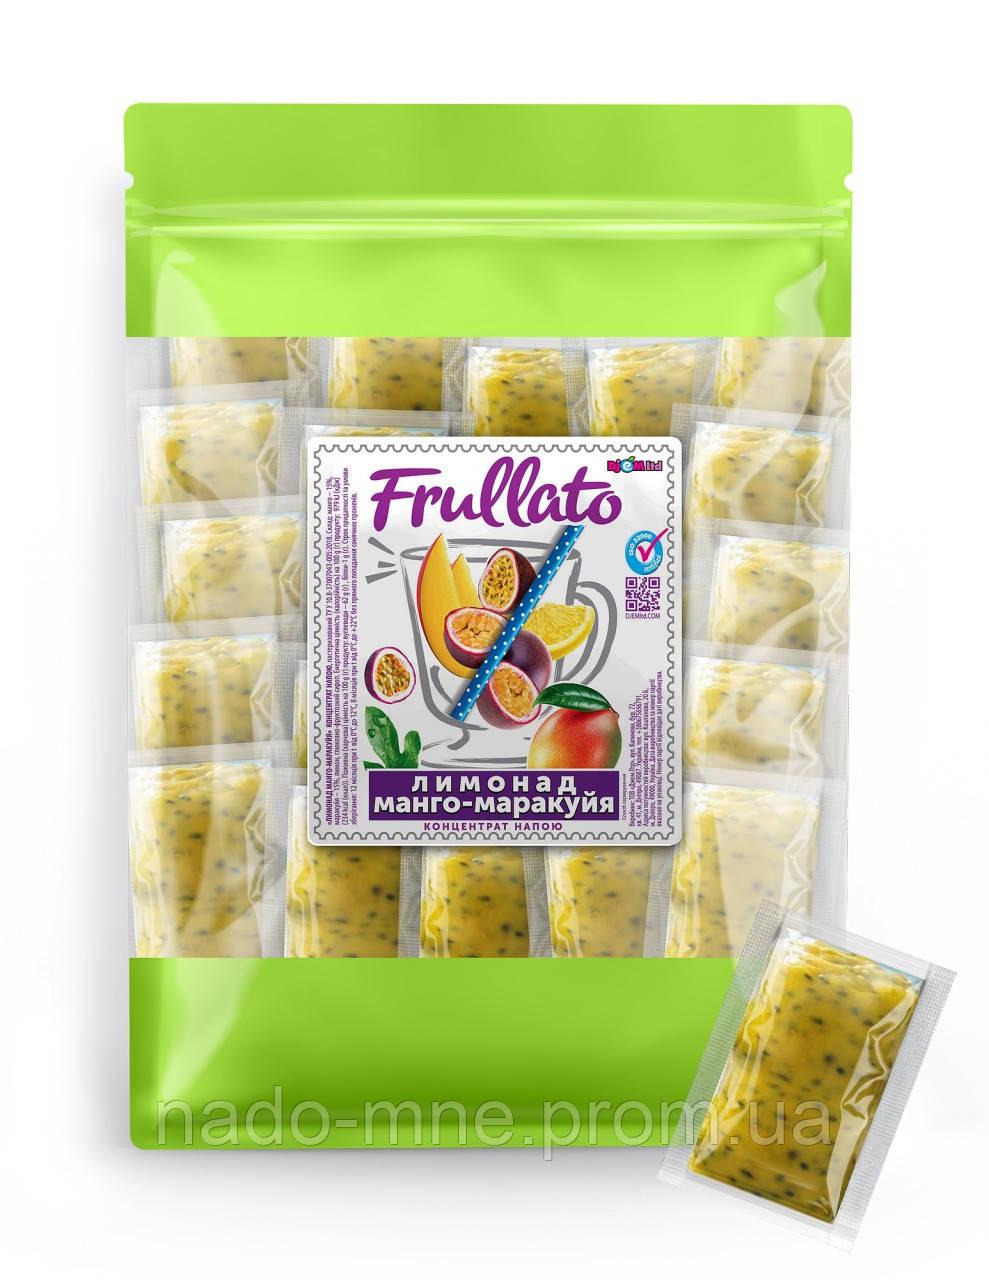 Лимонад манго-маракуйя Frullato натуральный, 50 шт х 40 г.